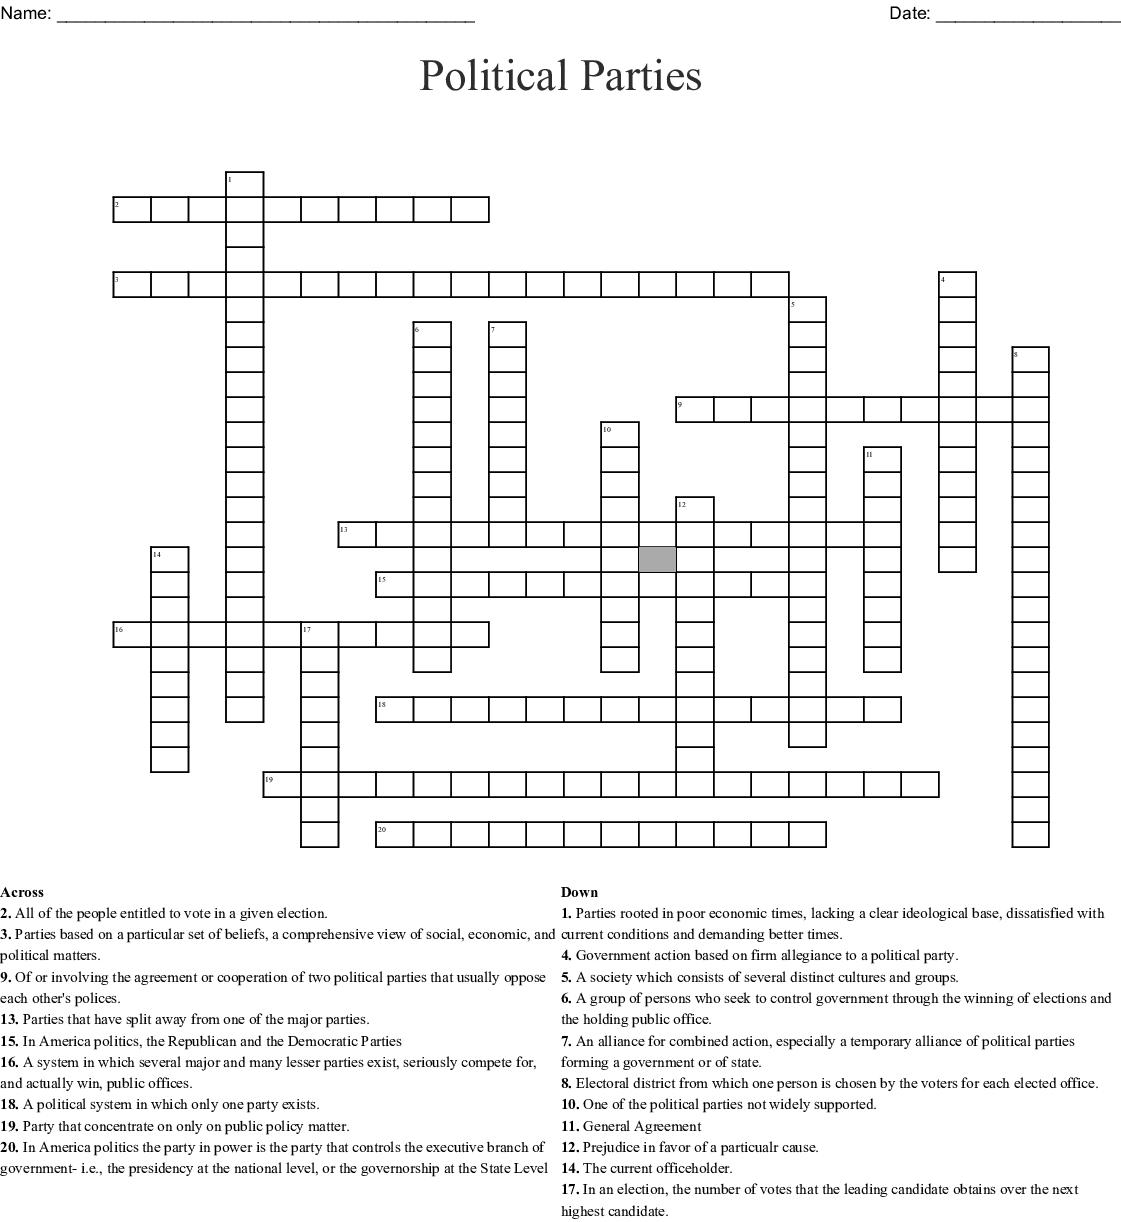 Political Parties Crossword Wordmint